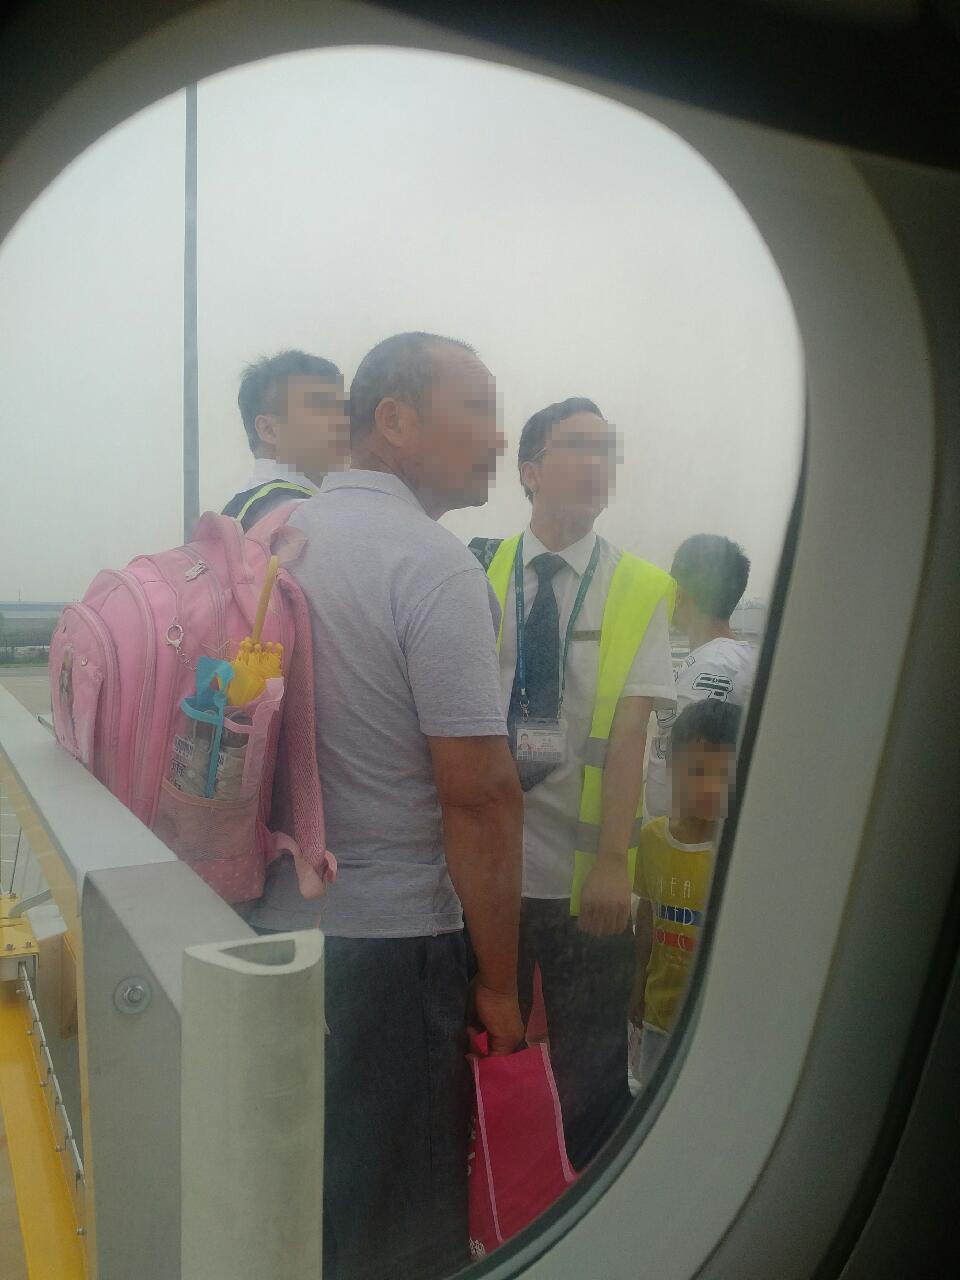 有乘客指,女童同行的成年男子解釋,以為1.2米以下的小孩不用買票,並提出「可以現在補票嗎?」